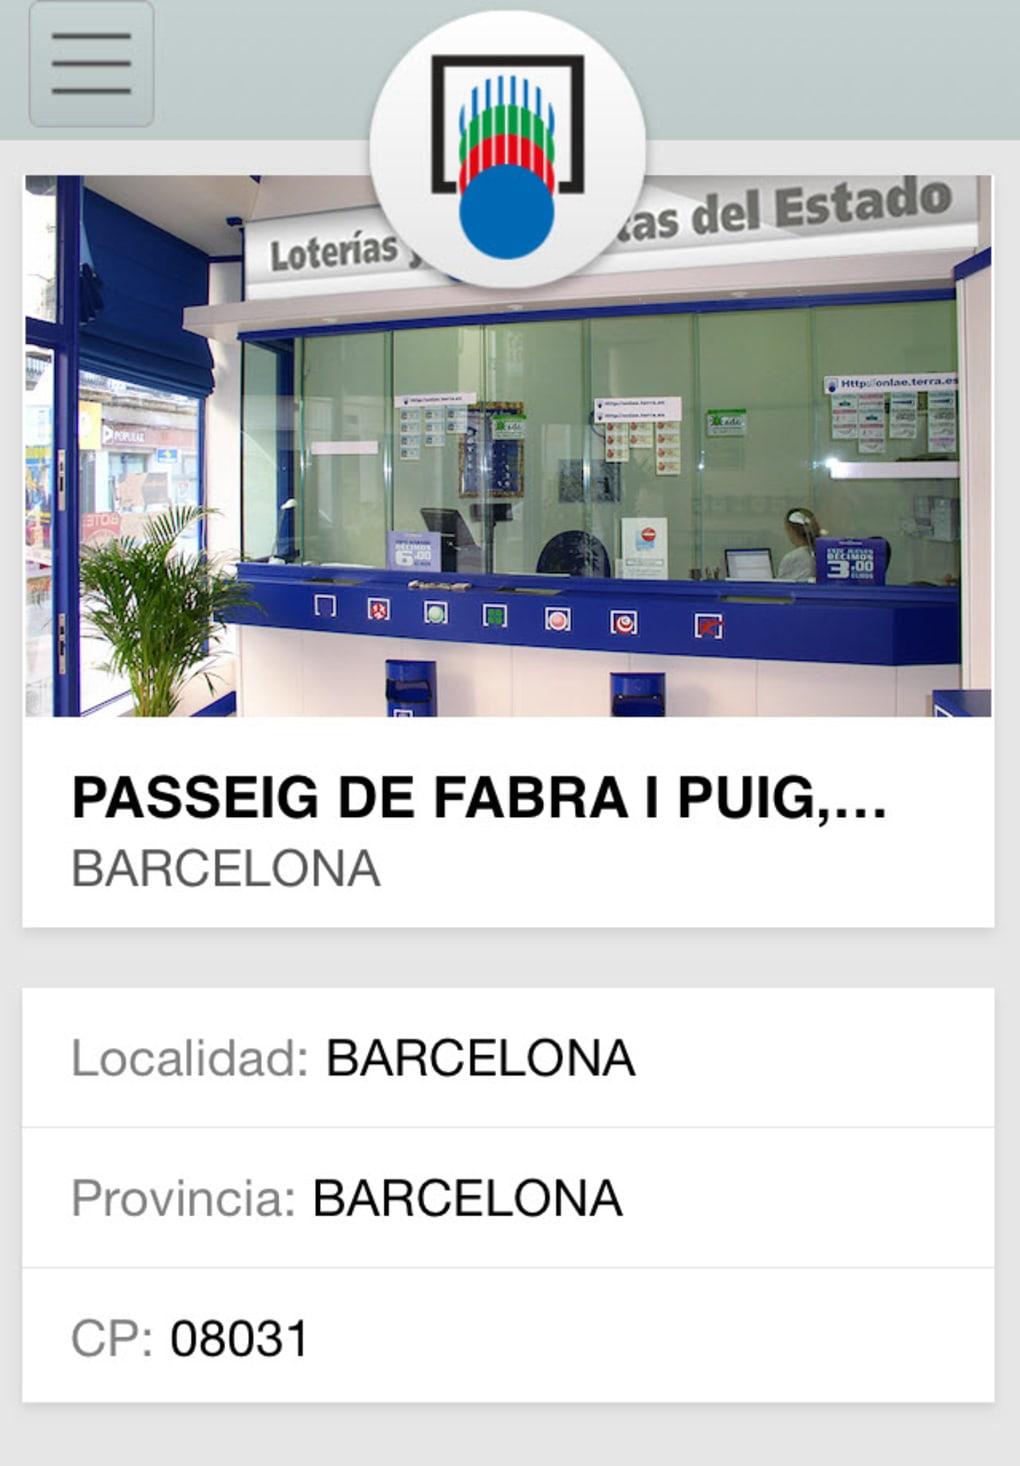 Apuestas en linea descargar juego de loteria Tenerife - 69336